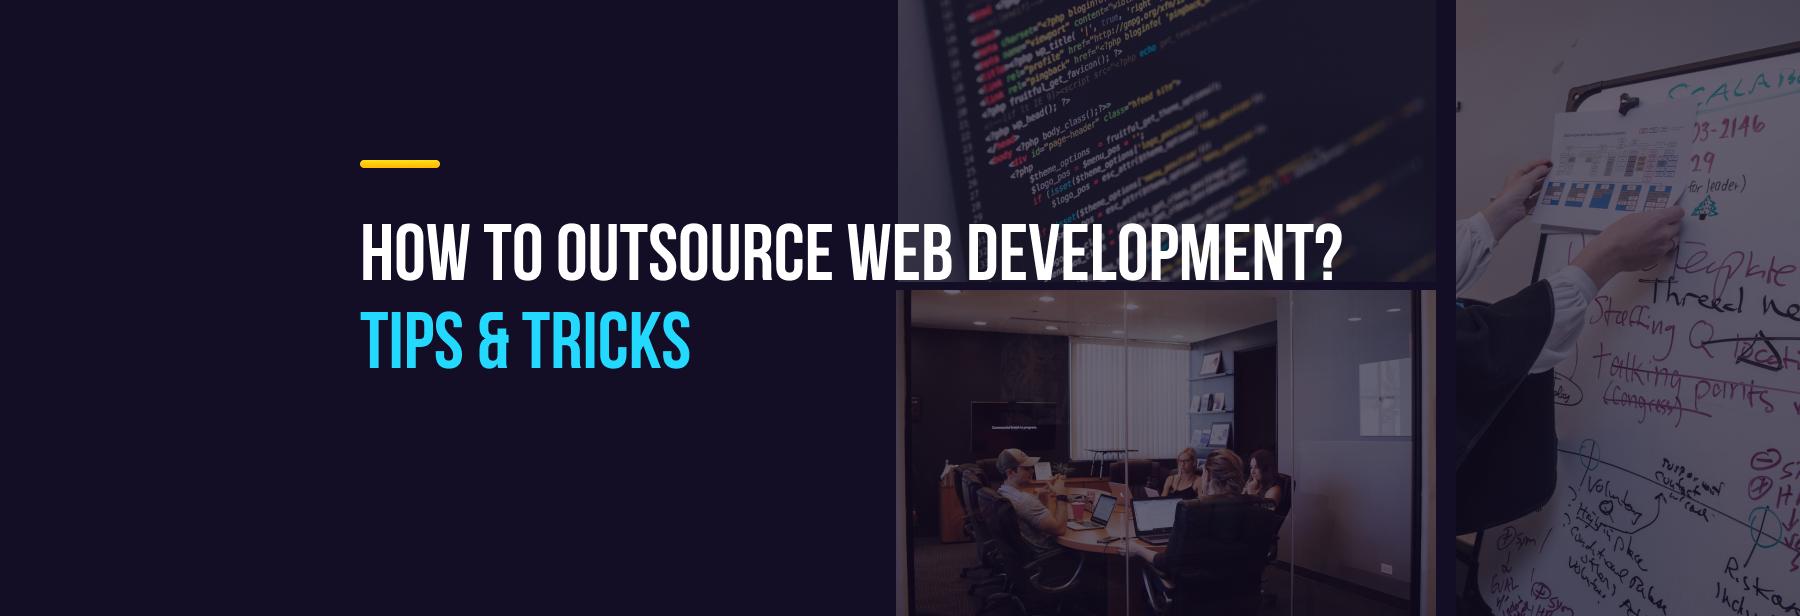 outsource web dev